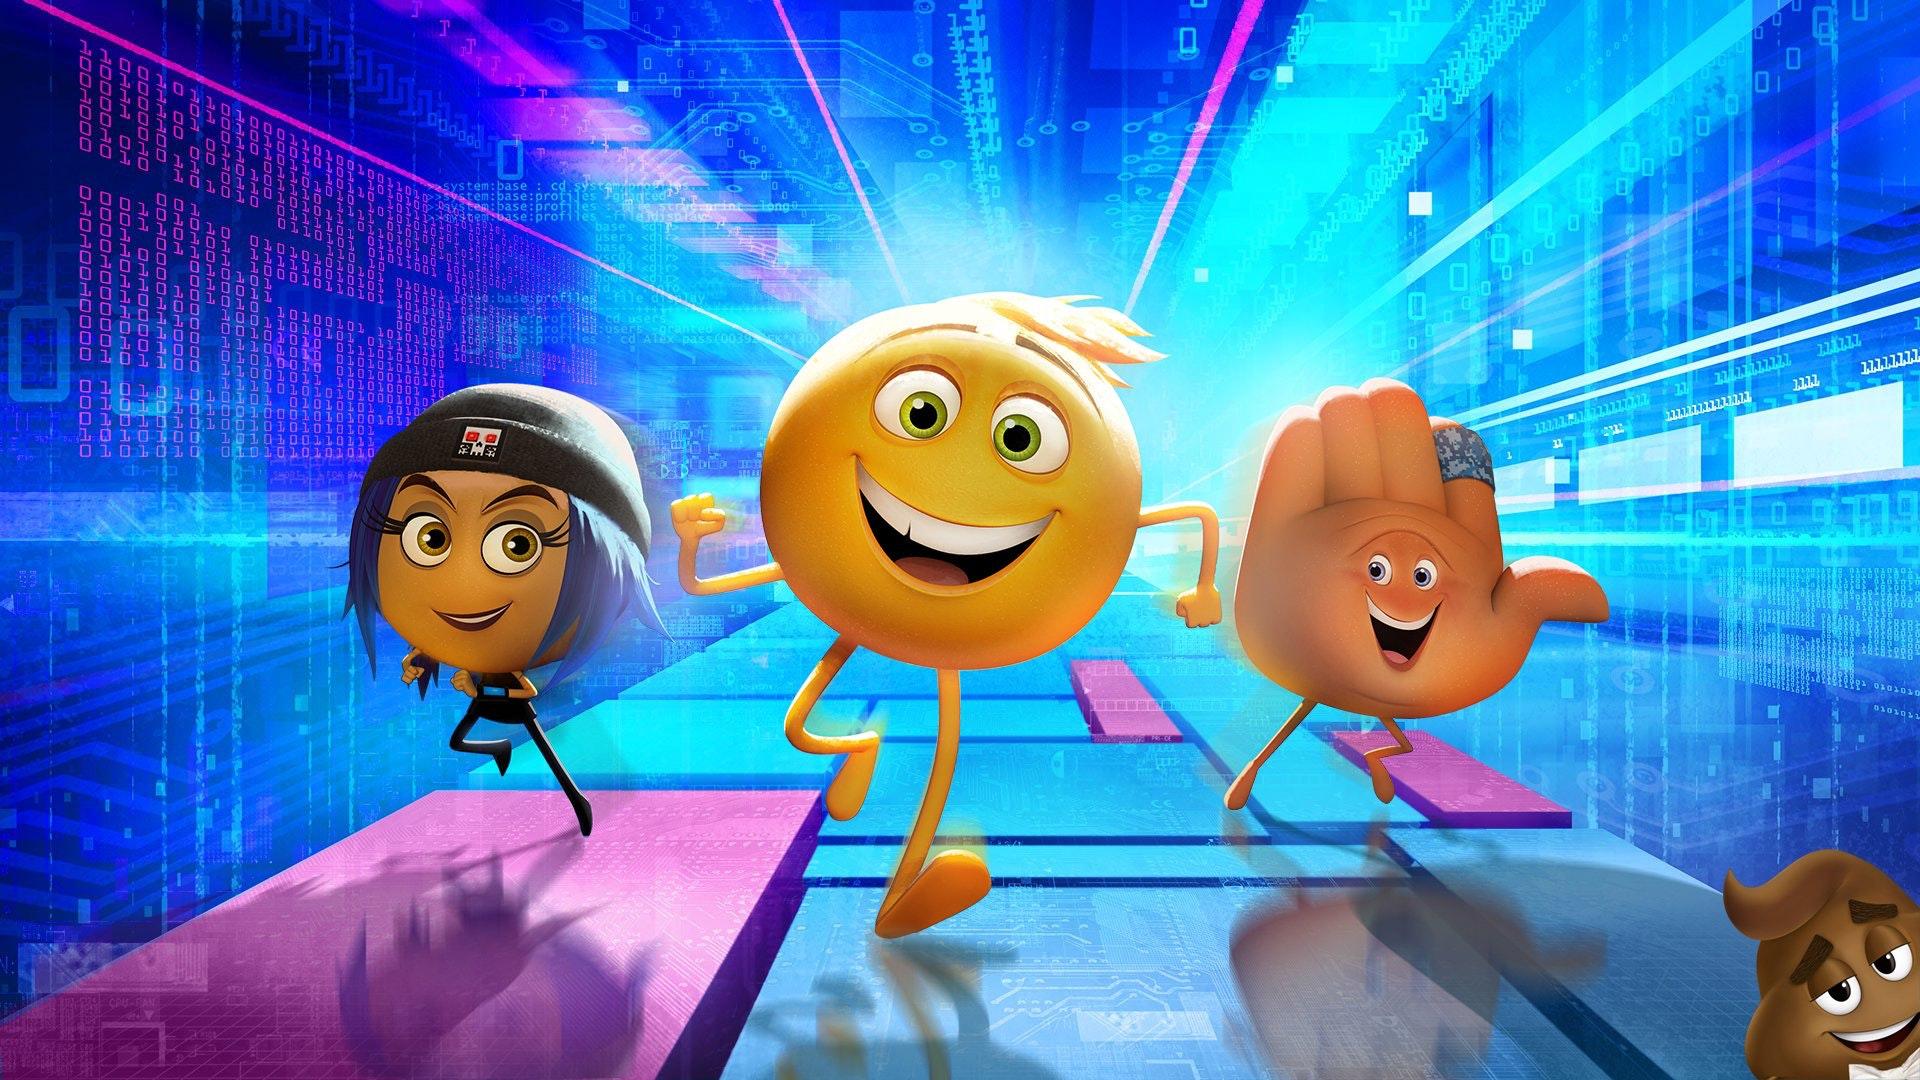 The Emoji Movie Soundtrack